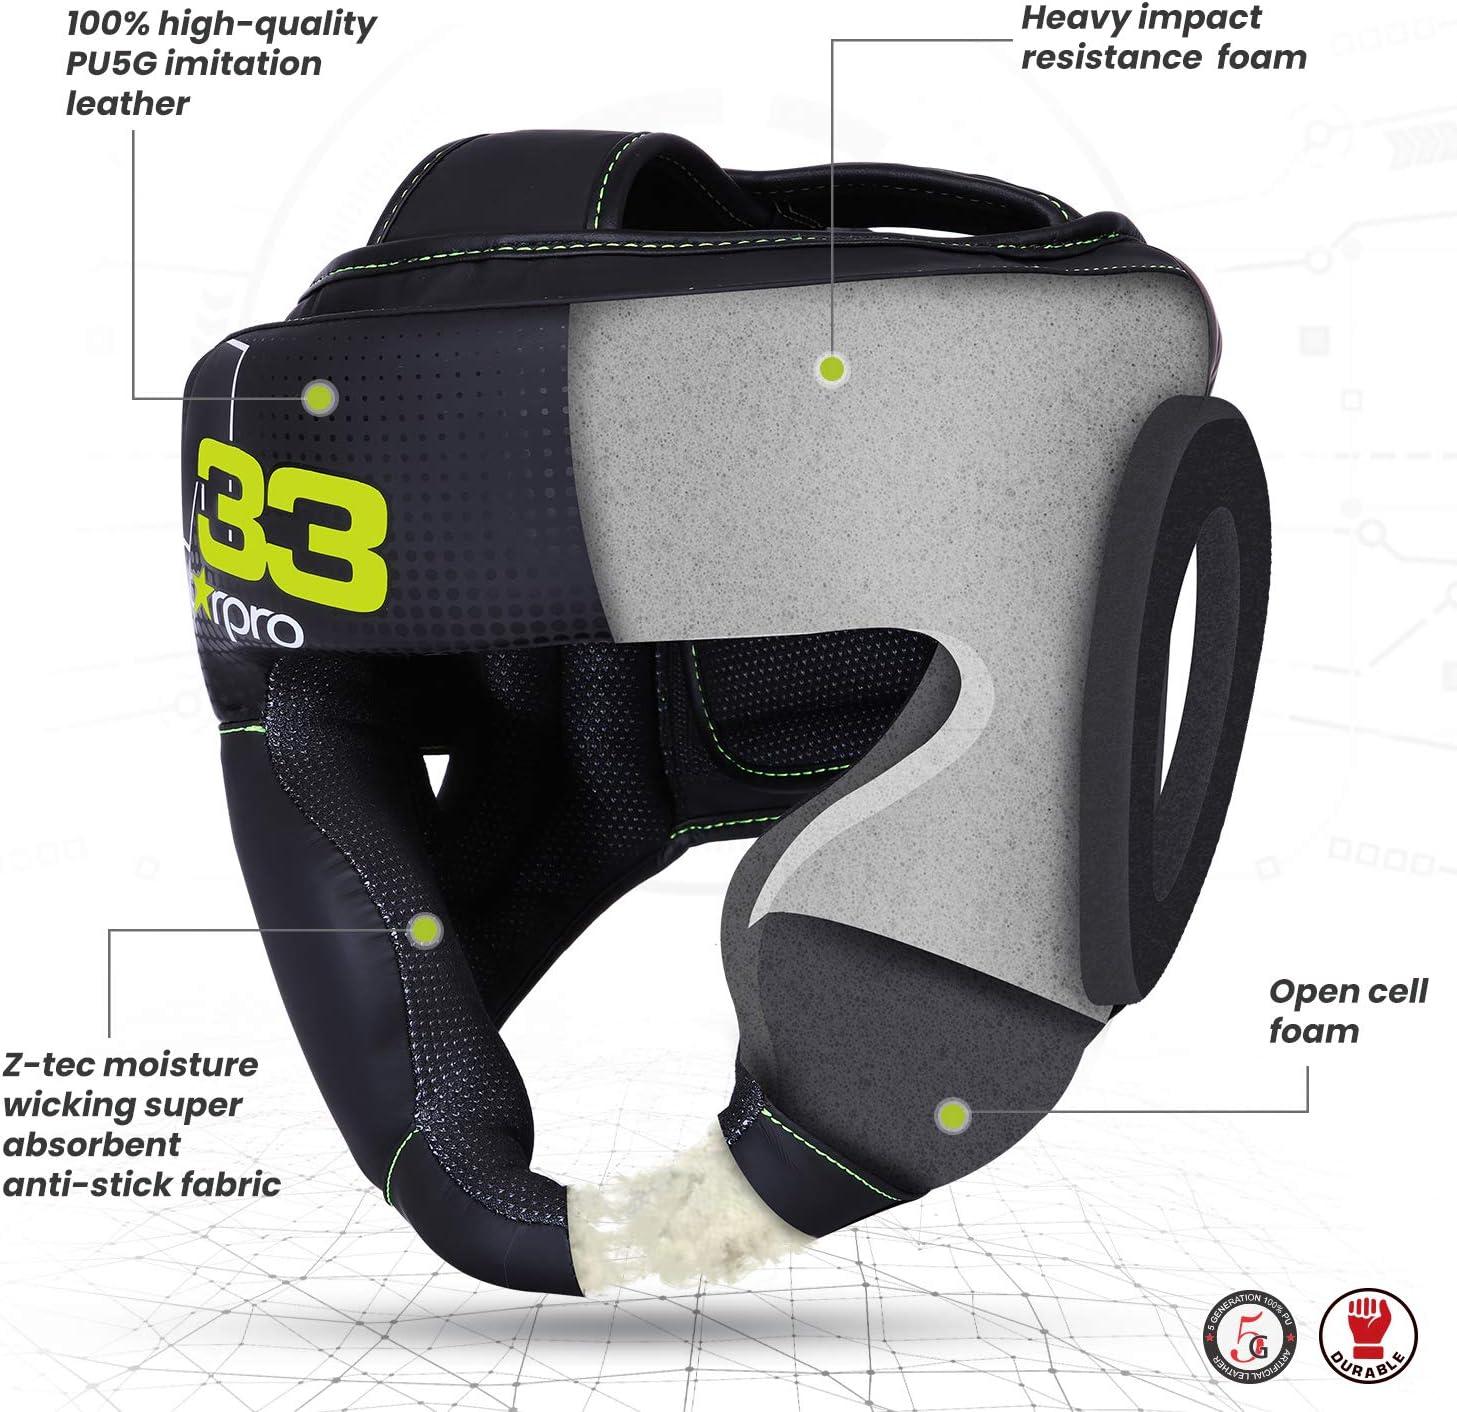 Proteccion para cabeza y cara Starpro M33